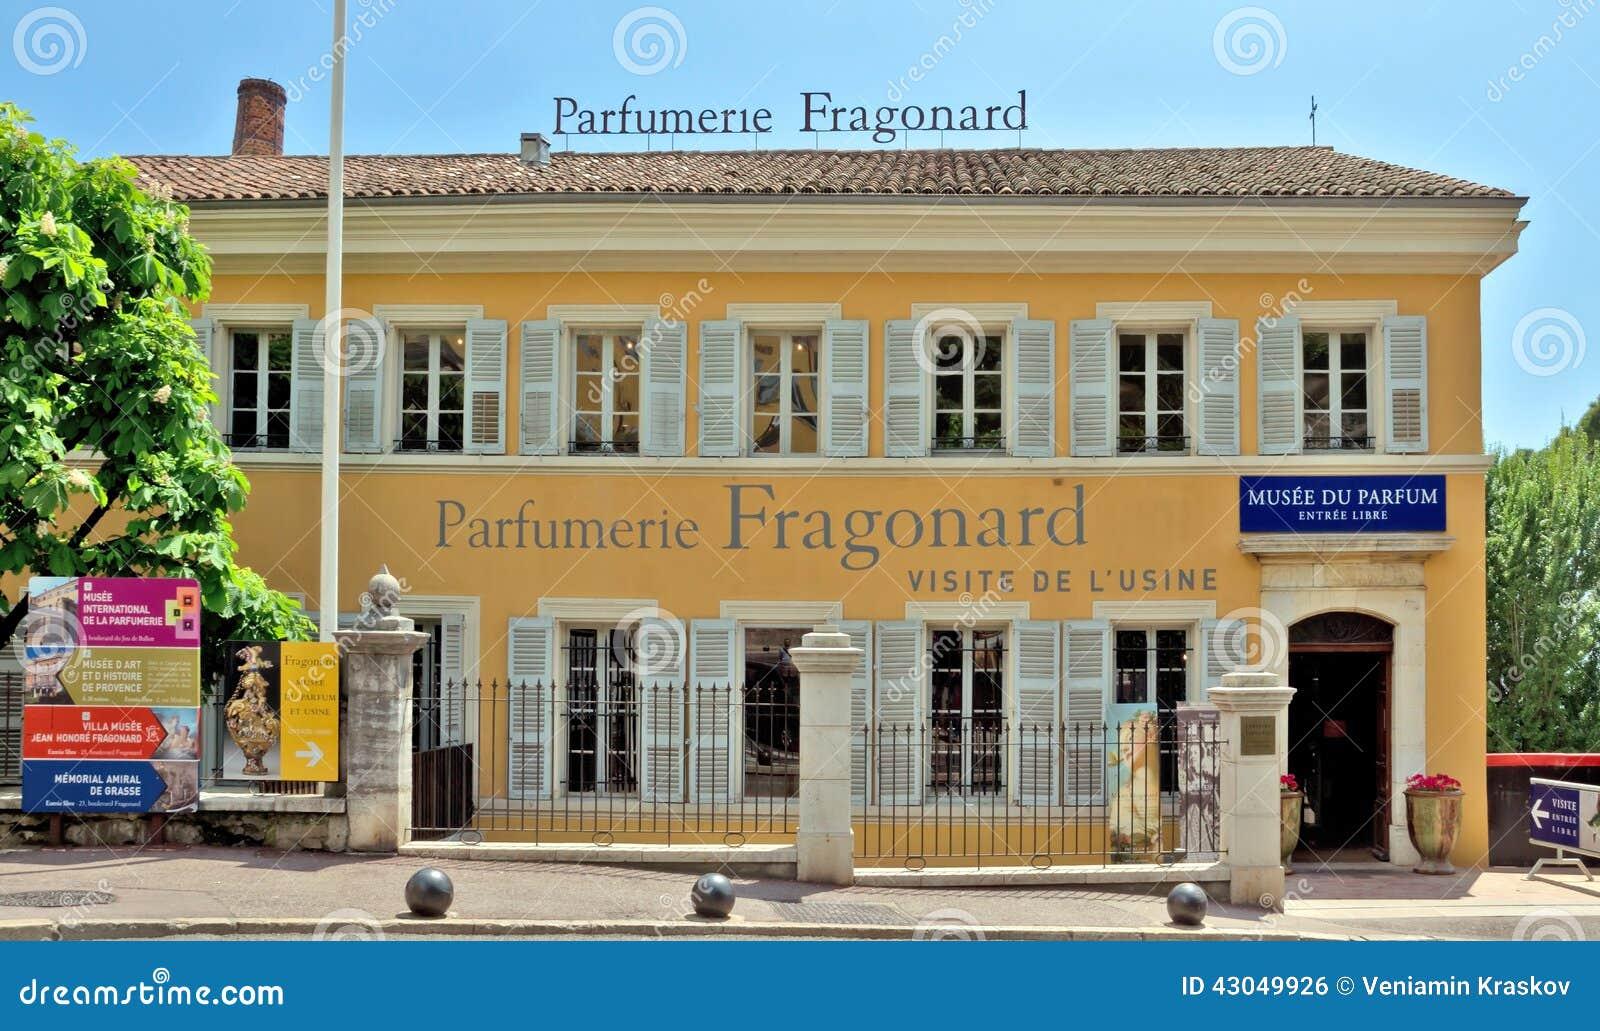 Grasse usine de parfumerie fragonard photo ditorial image du riviera fran ais 43049926 - Office du tourisme de grasse ...